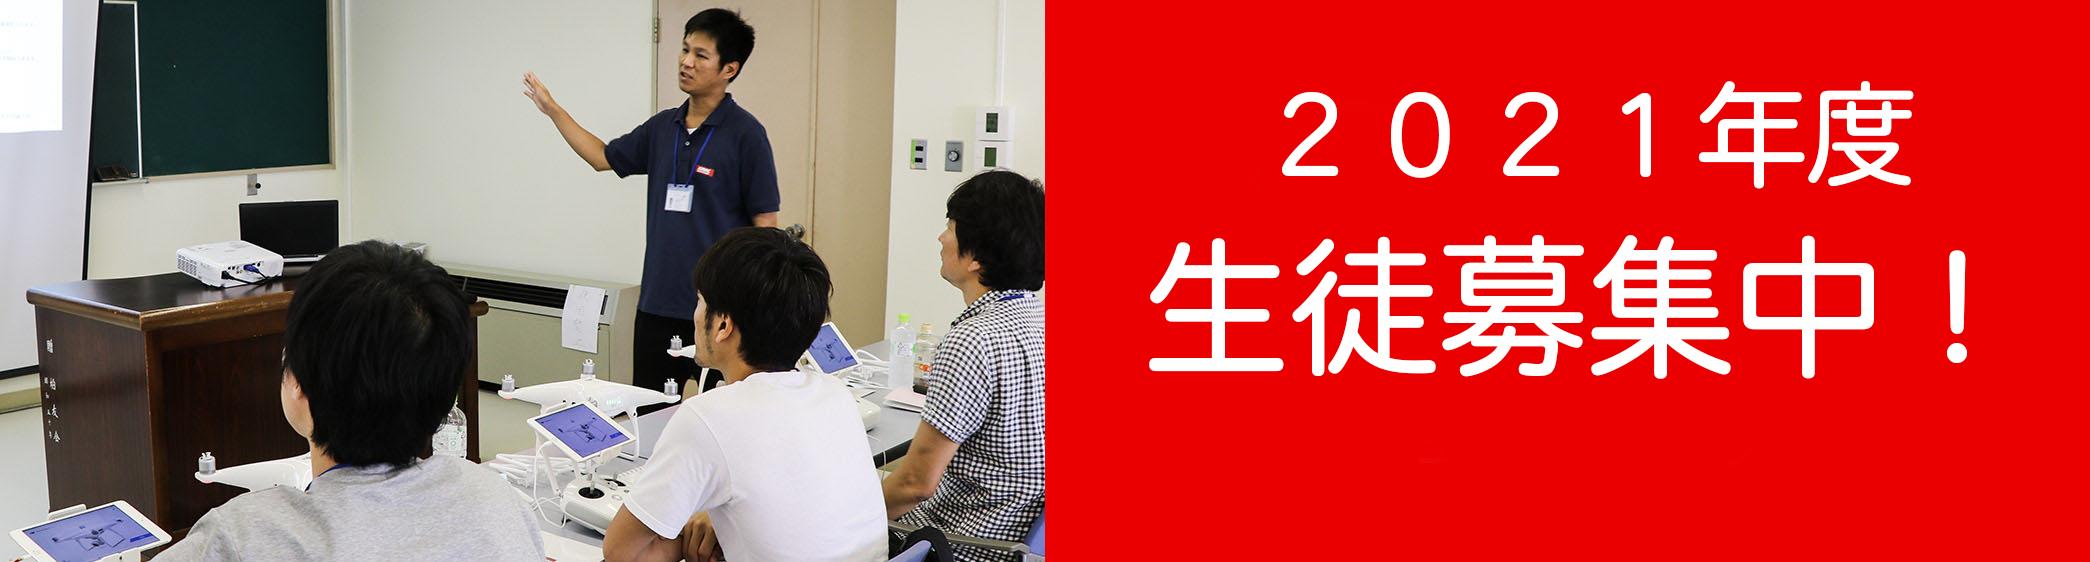 2021年度 岡山校 生徒募集!!